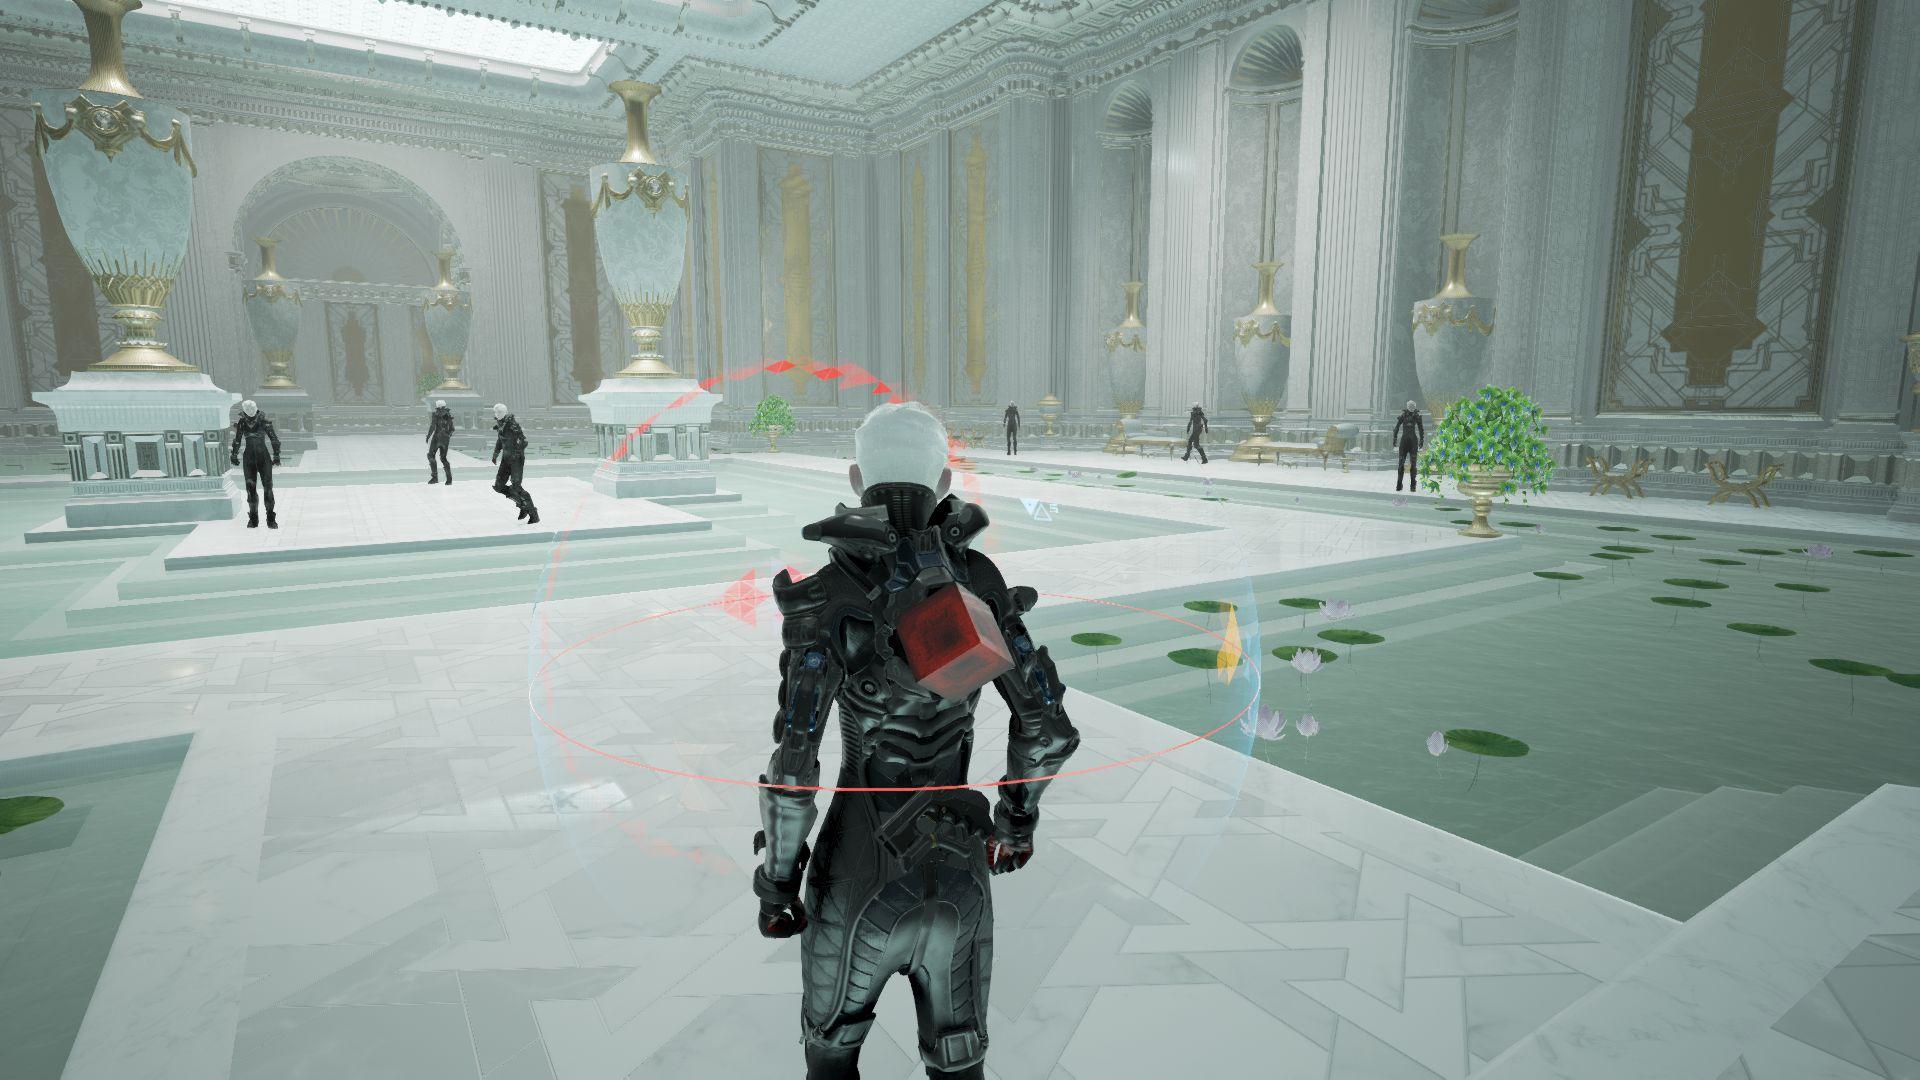 Izual se demande qui allume les torches dans les donjons abandonnés de Skyrim. Moi j'aimerais savoir qui fait la poussière dans le palais éternel d'Echo.